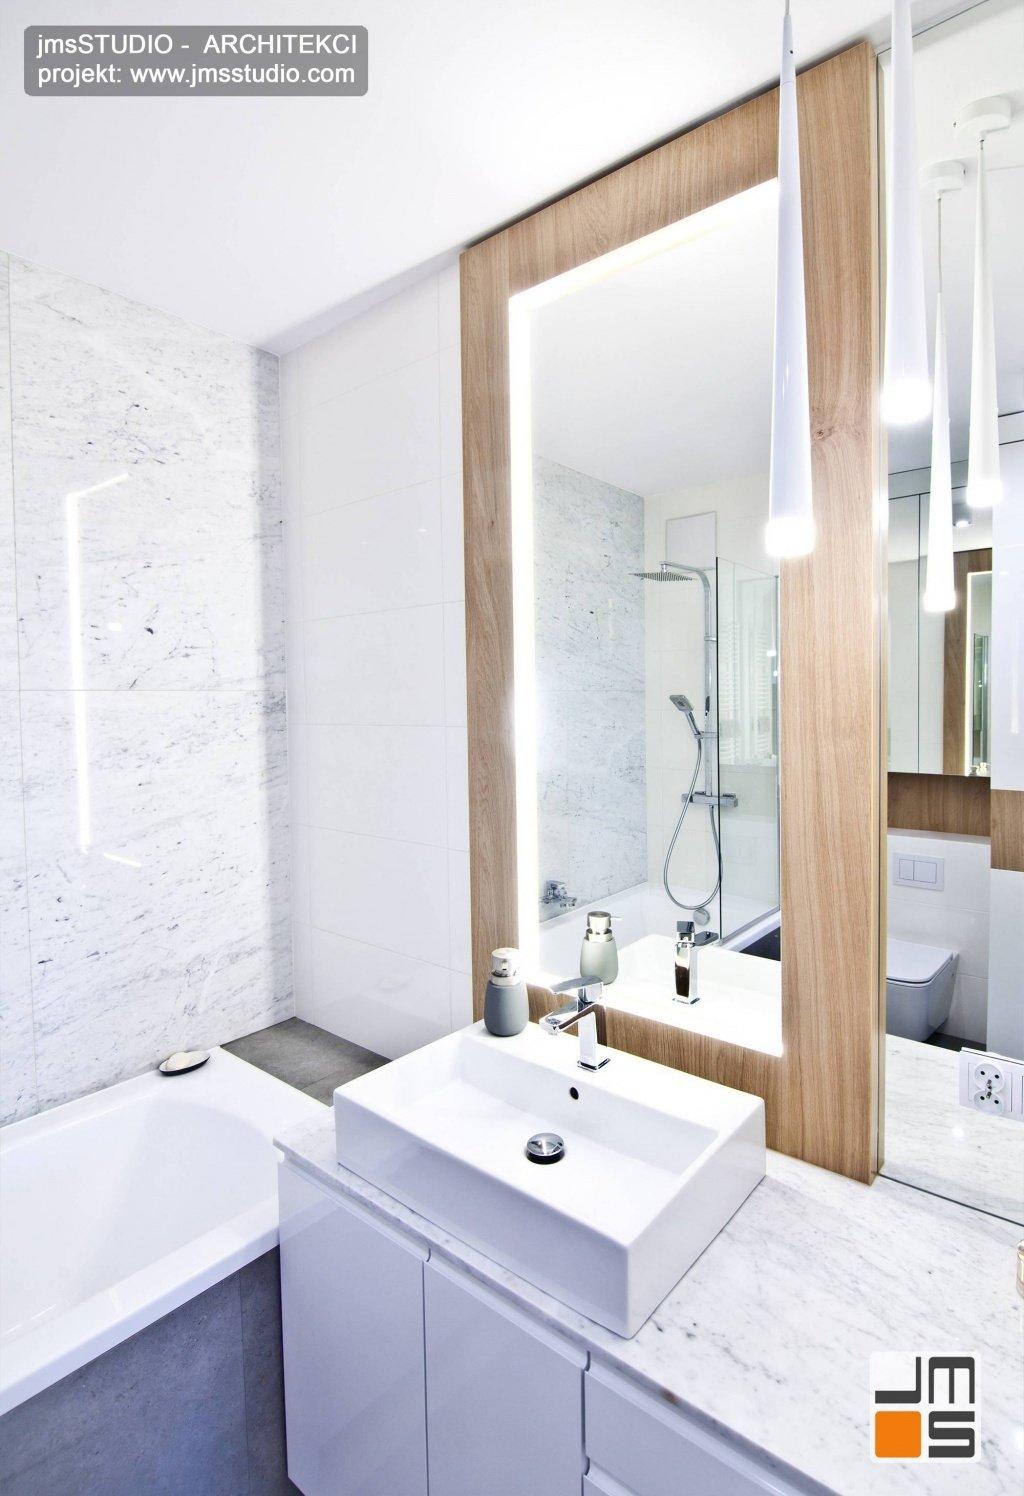 duże lustro w łazience w drewniana rama to elegancki pomysł na dekorację małej łazienki w bloku